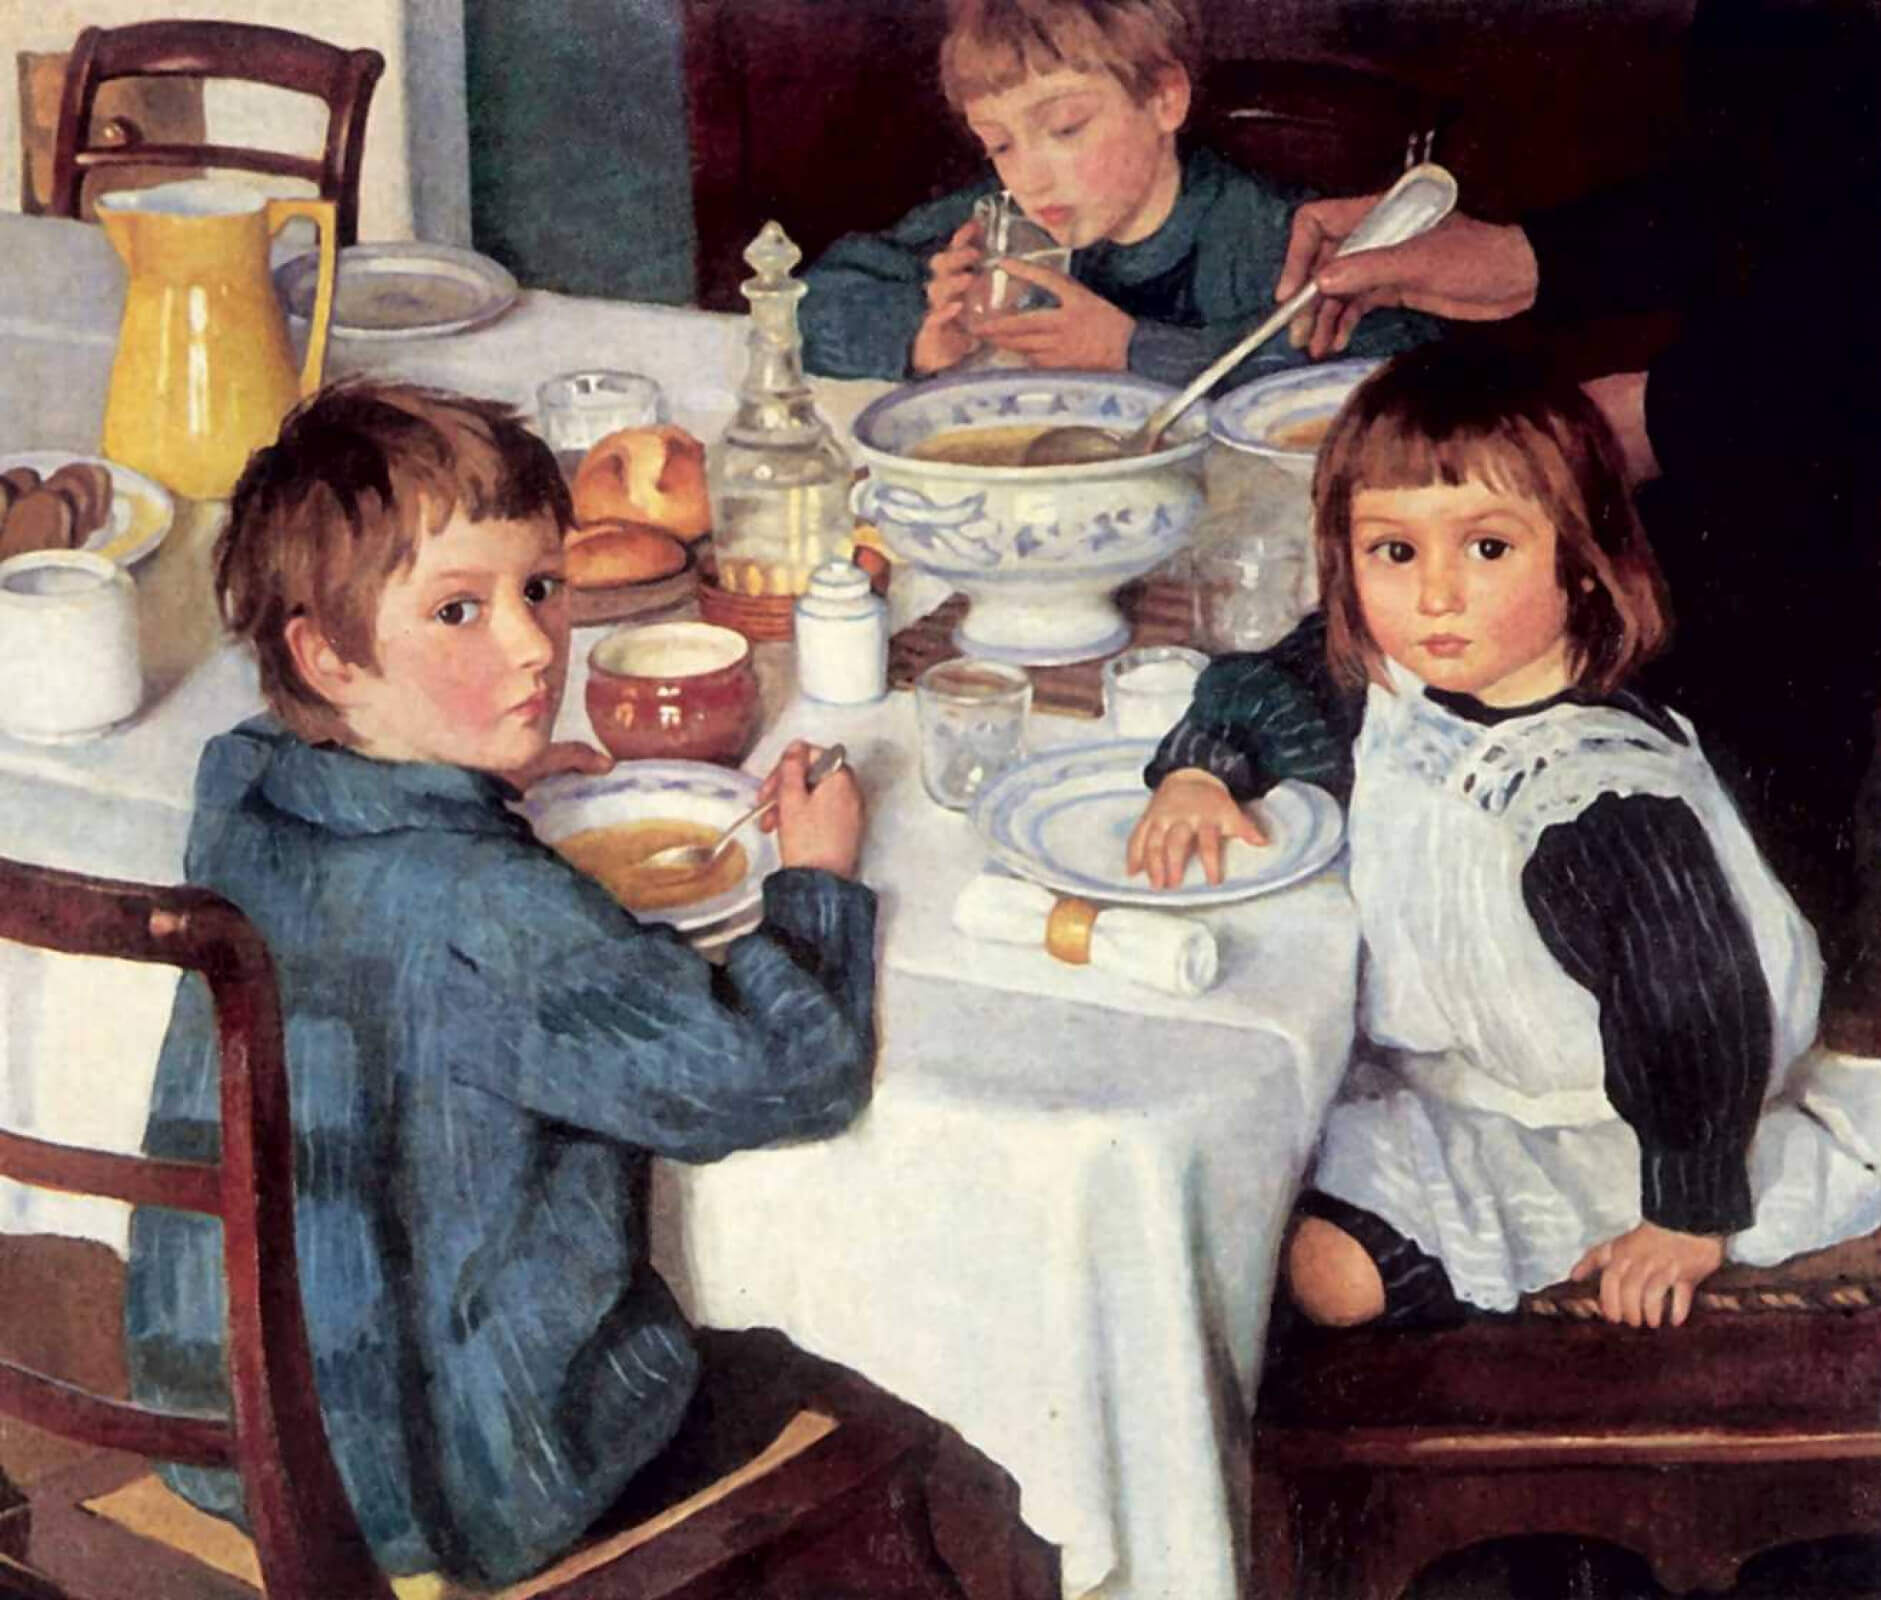 Зинаида Серебрякова, 1914 год, картина «За завтраком».